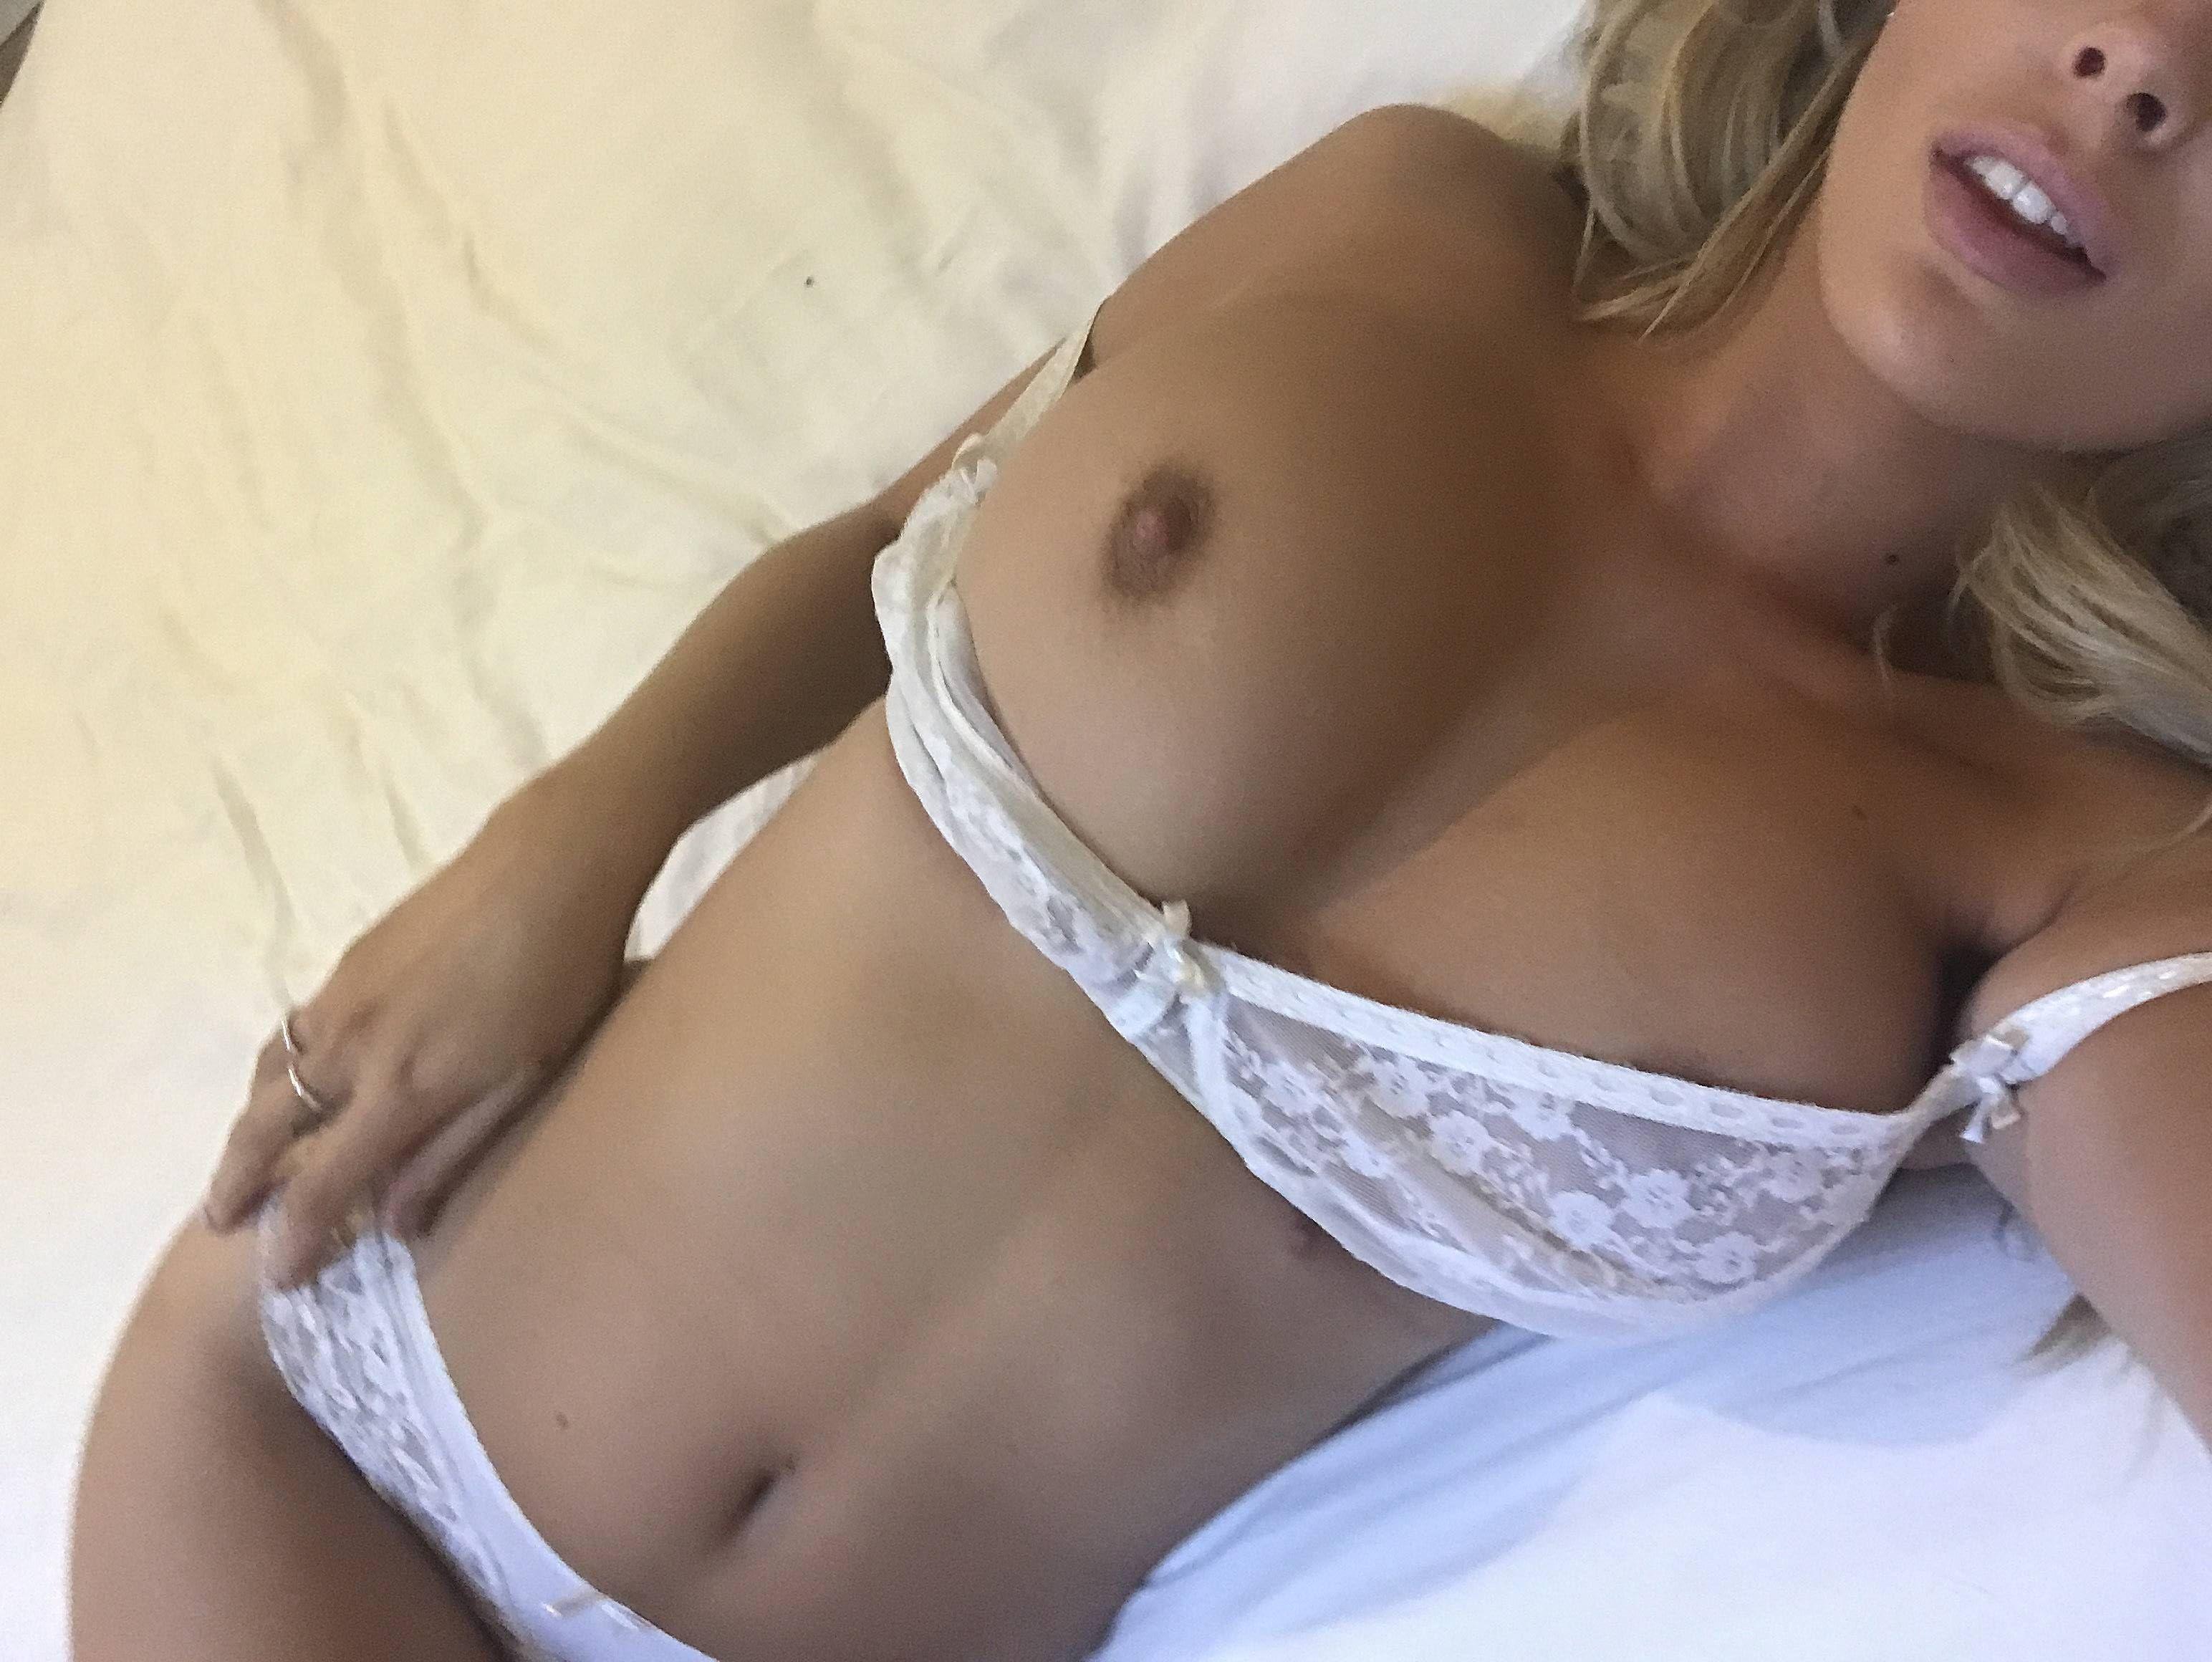 Danielle Sellers naked selfies